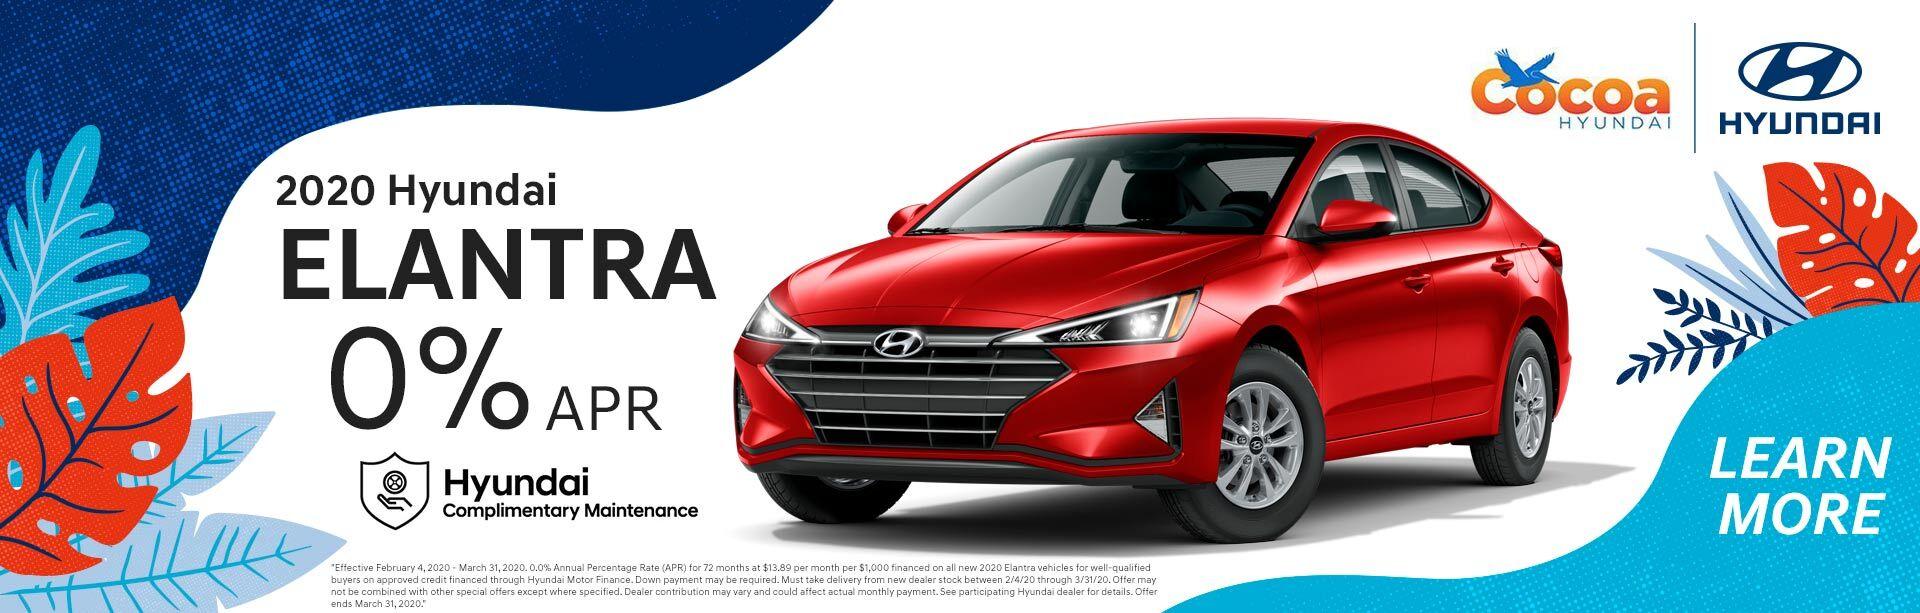 2020 Hyundai Elantra All:  Expires 3/31/2020.